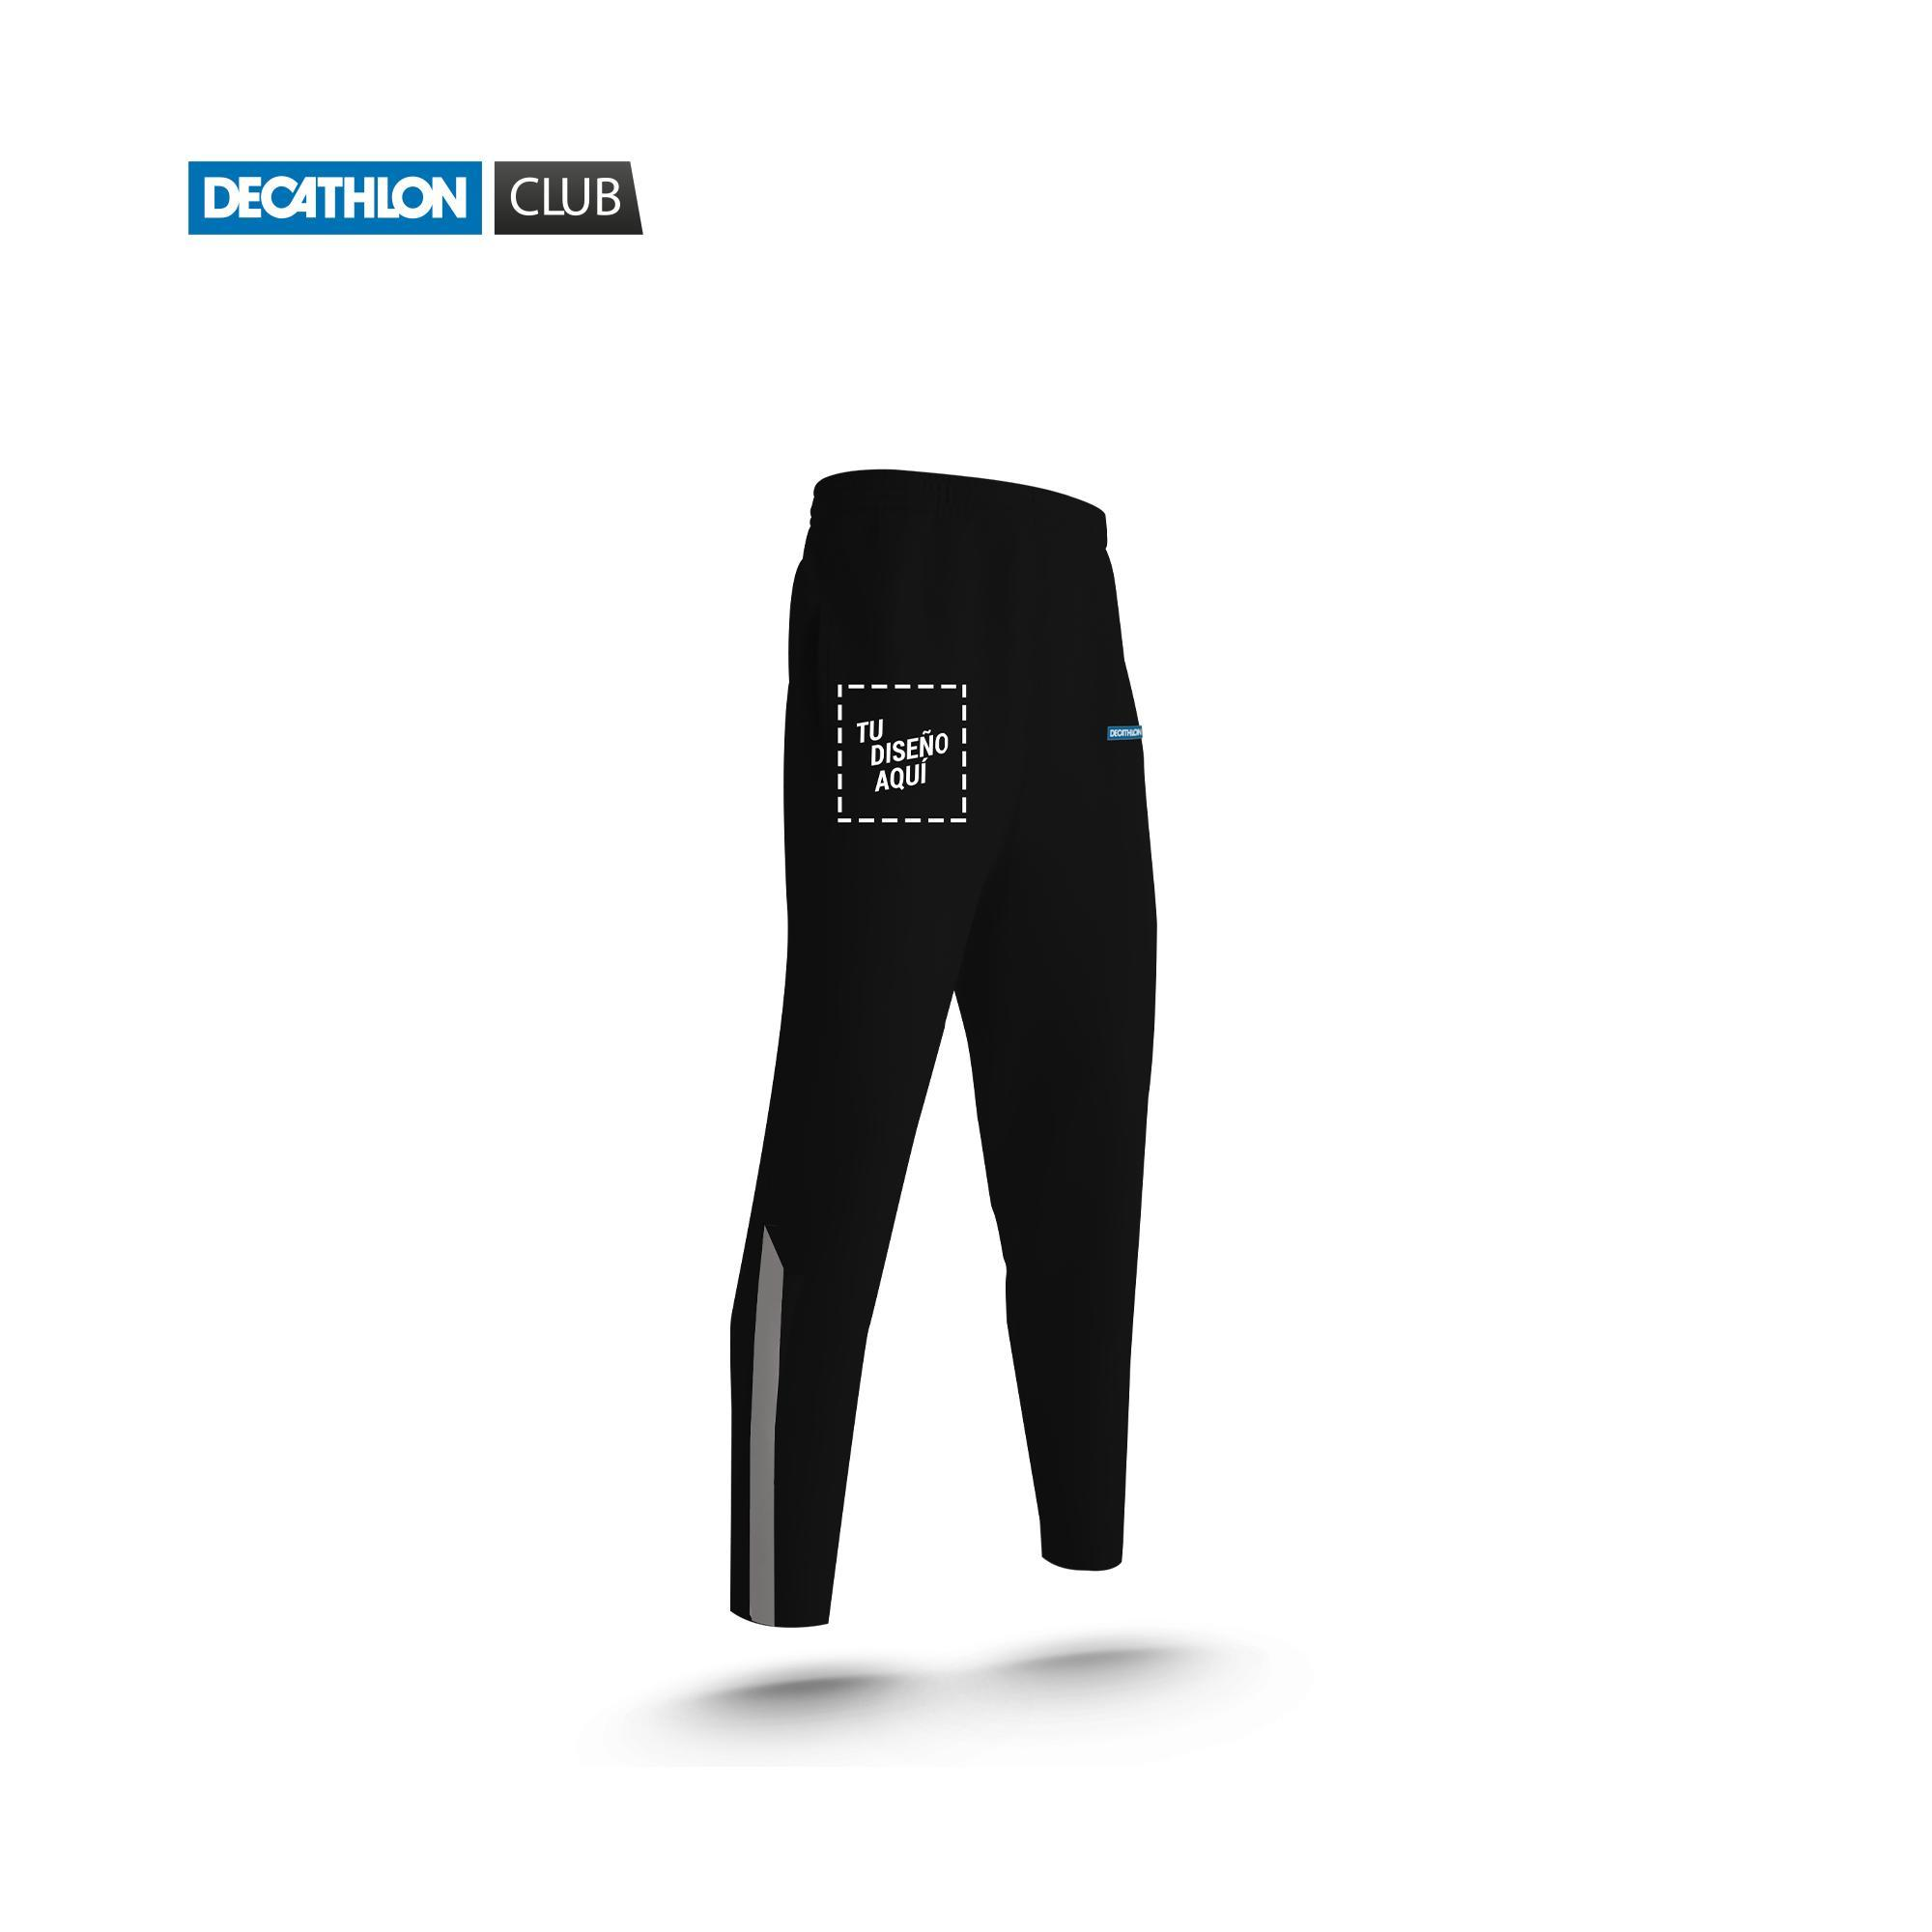 Pantalon De Chandal Pitillo Tenis Personalizado Junior No Brand Decathlon